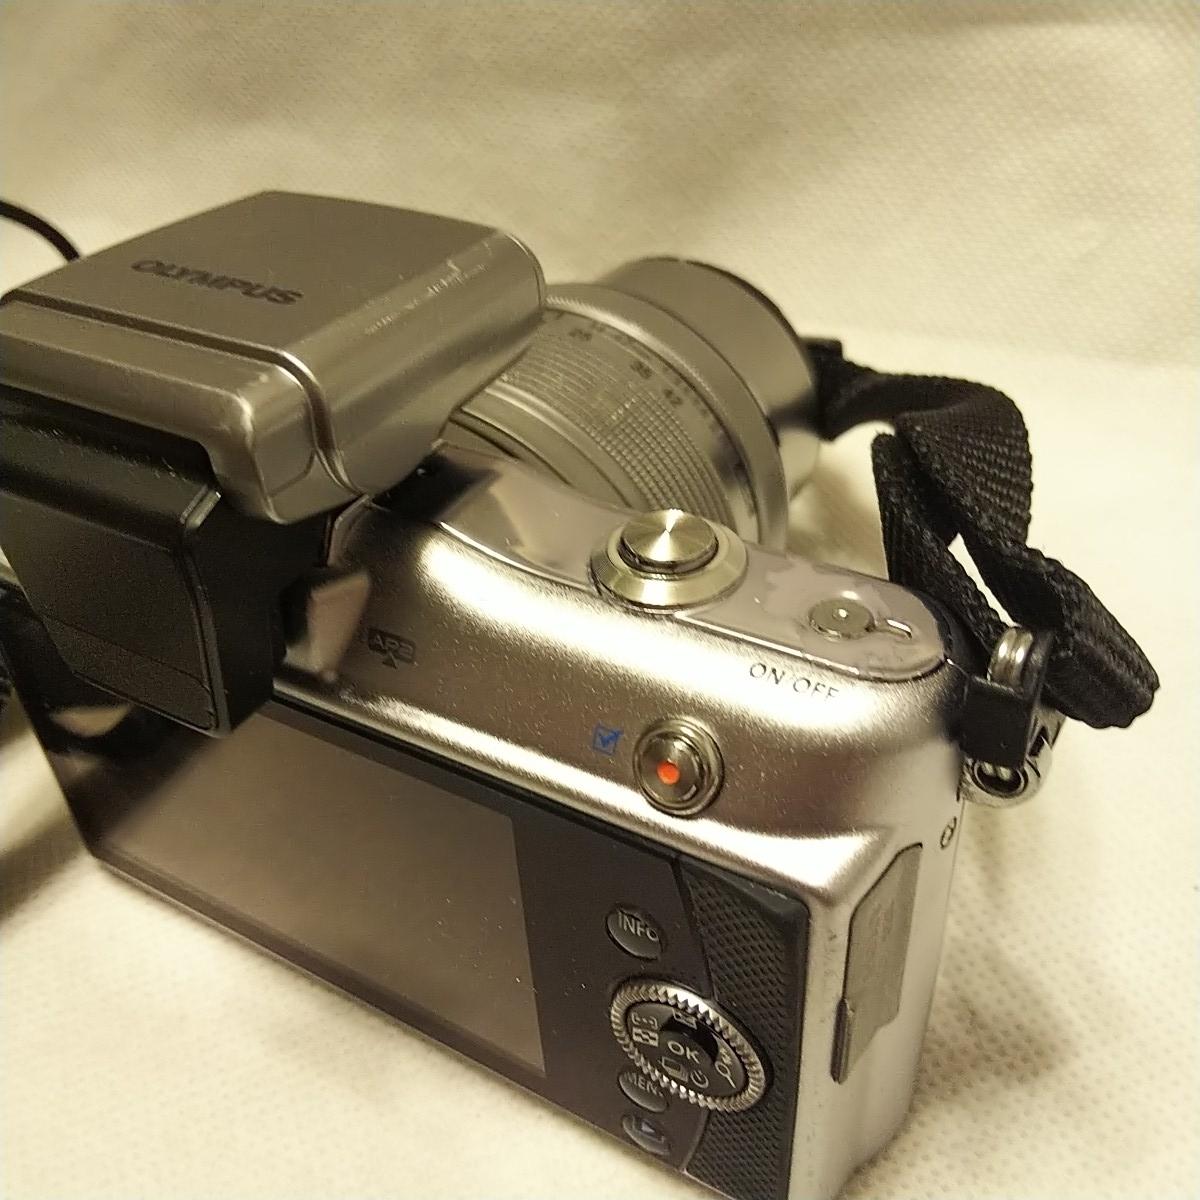 オリンパス E-PM1 デジタル一眼 レンズ フラッシュ付き FL-LM1 M.ZUIKO 14-42mm 1:3.5-5.6 π37mm ズームレンズキット YOKO-63 完動品 美品_画像9